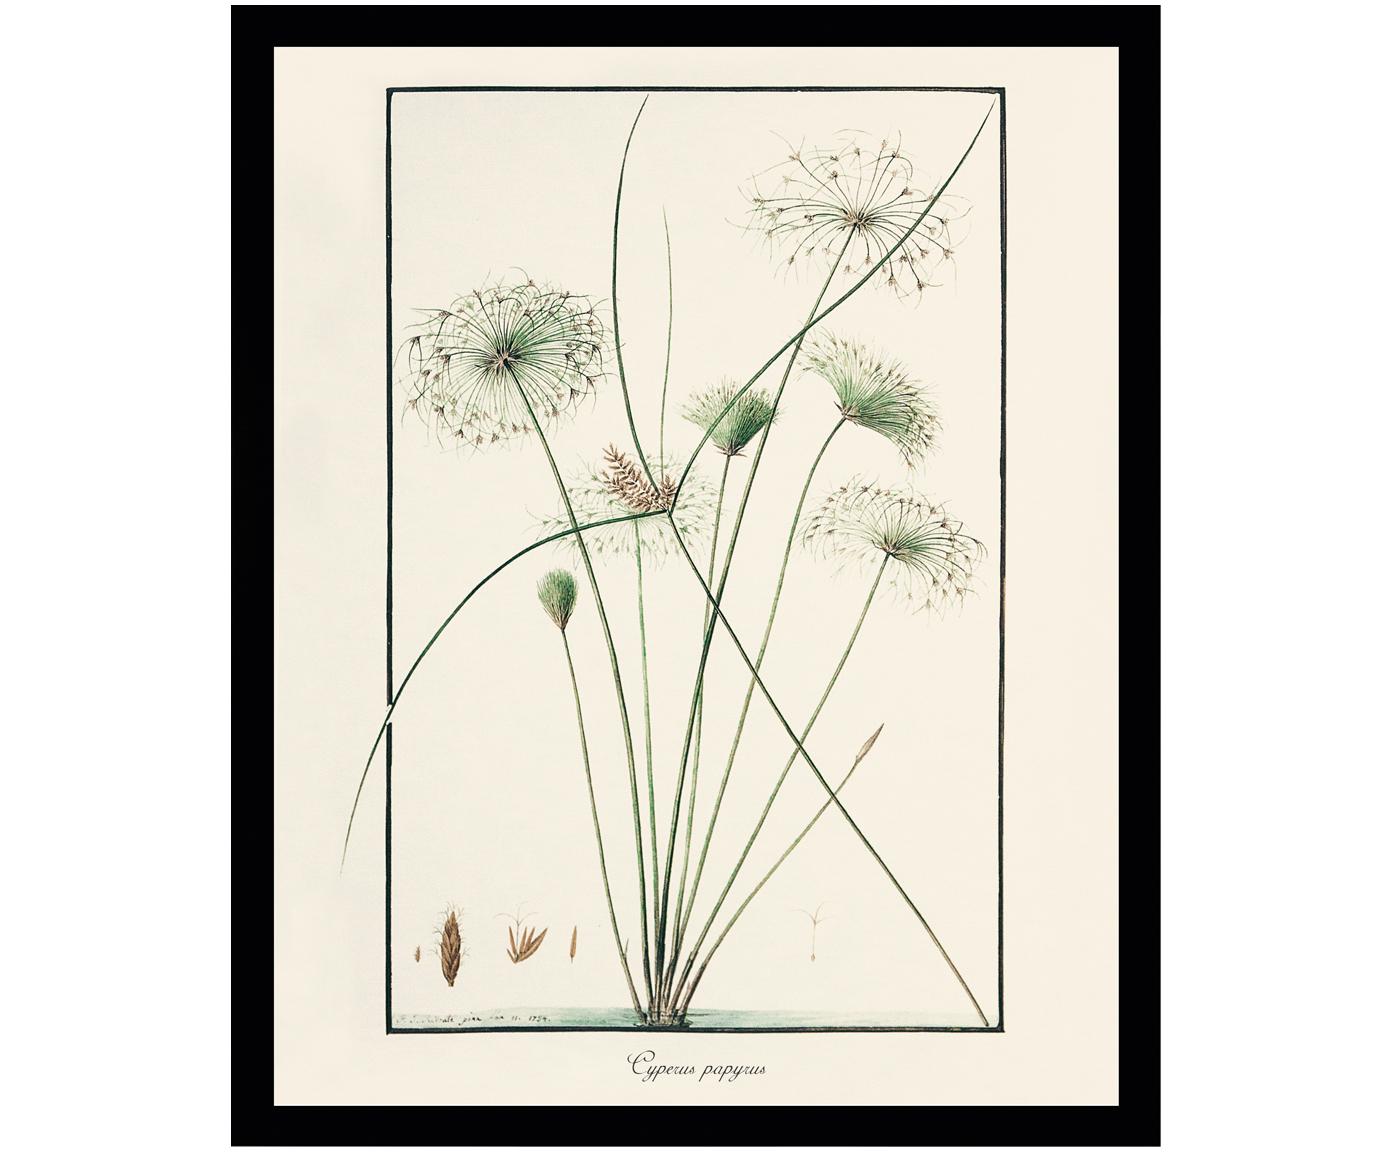 Obraz Druk Cyfrowy Plant Painting Iii 30x40 7224203332 Oficjalne